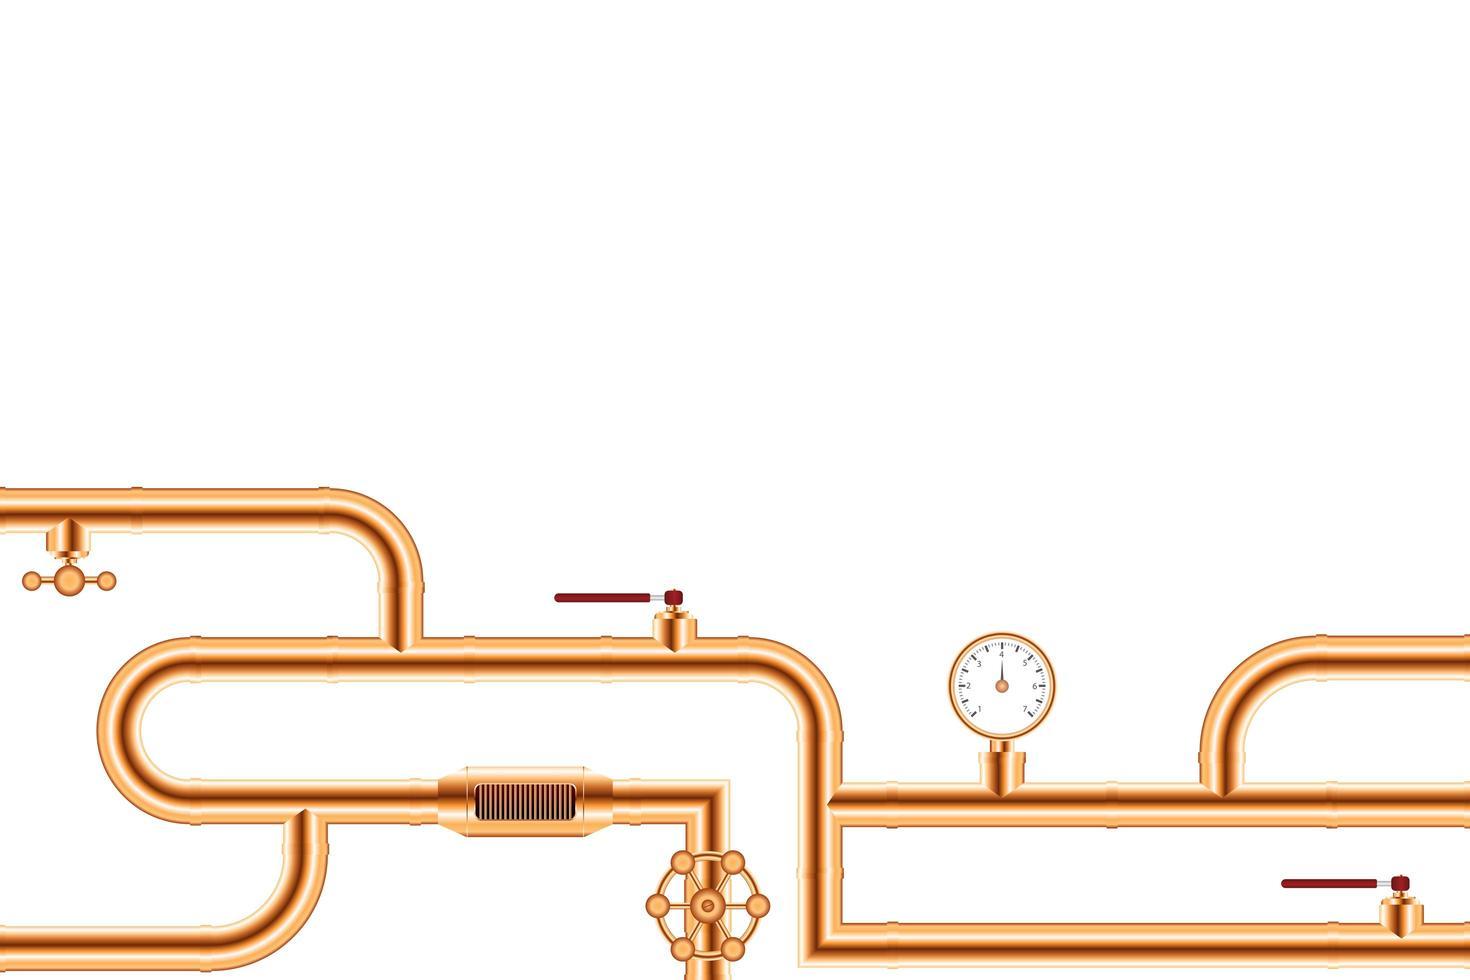 sistema de conexión de tubos de cobre vector